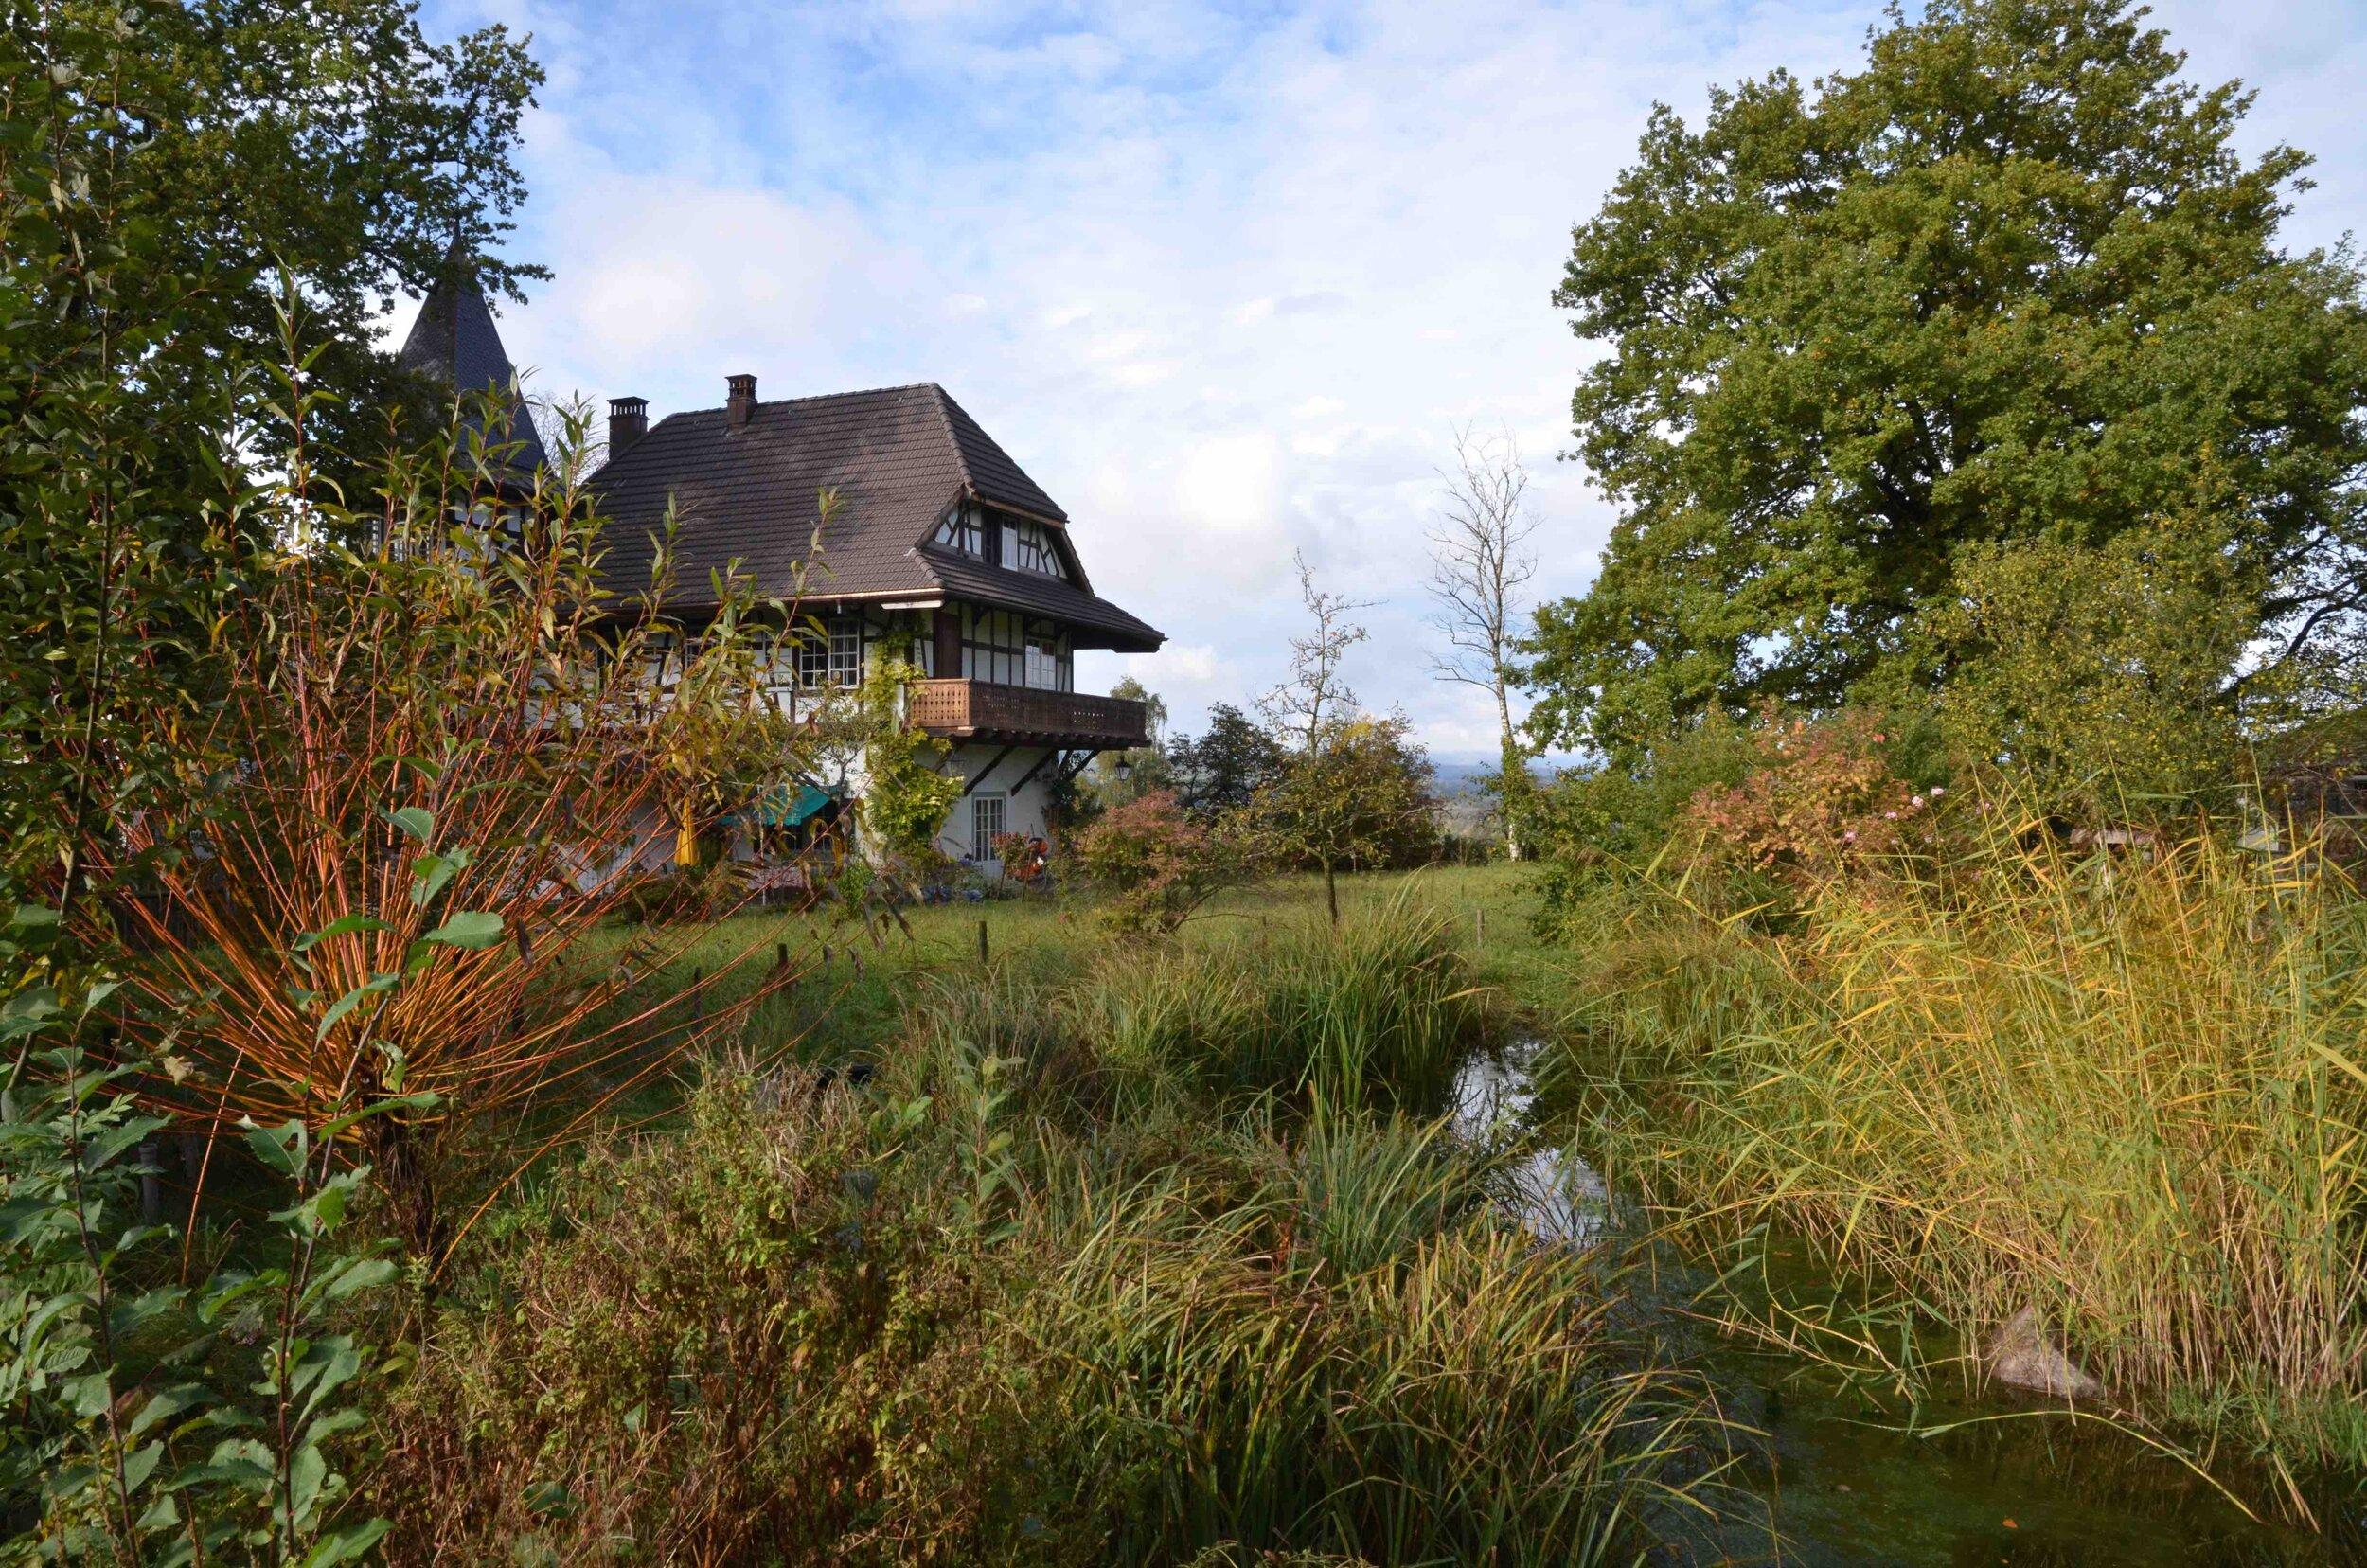 Berg am Irchel : Gemeinde-Idylle mit Natur: